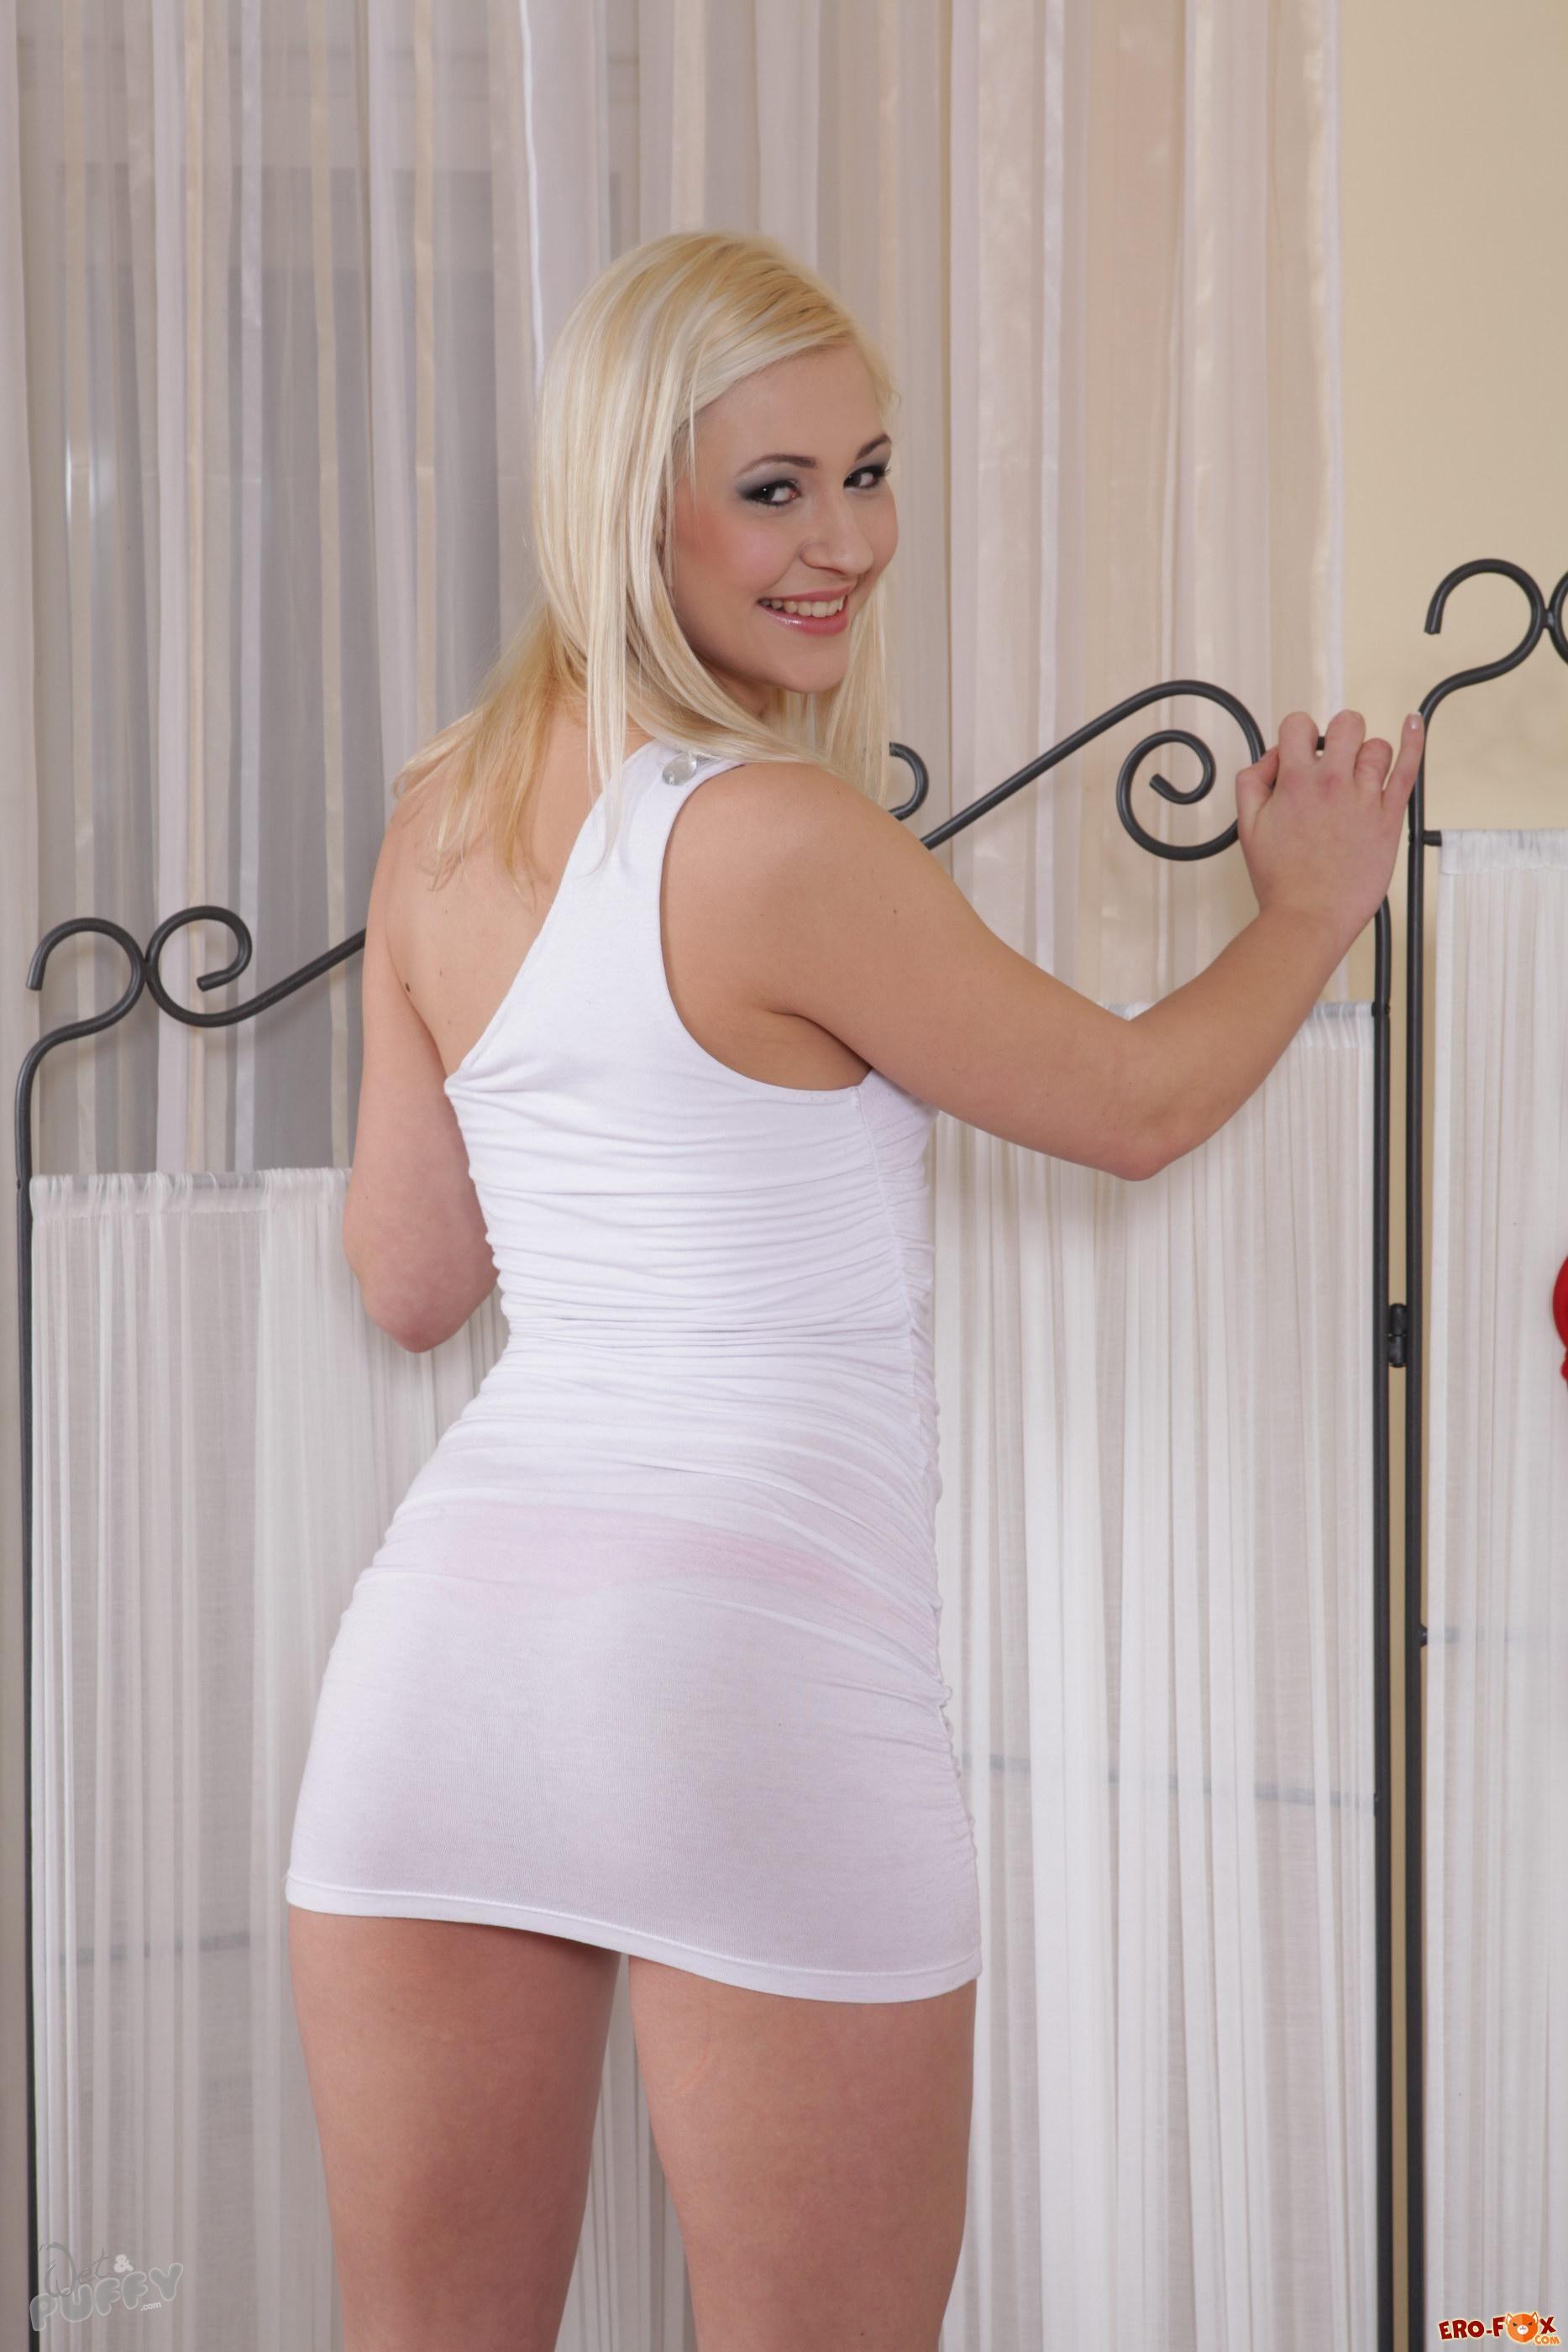 Пошлая блондинка с прорезом в трусах  эротика